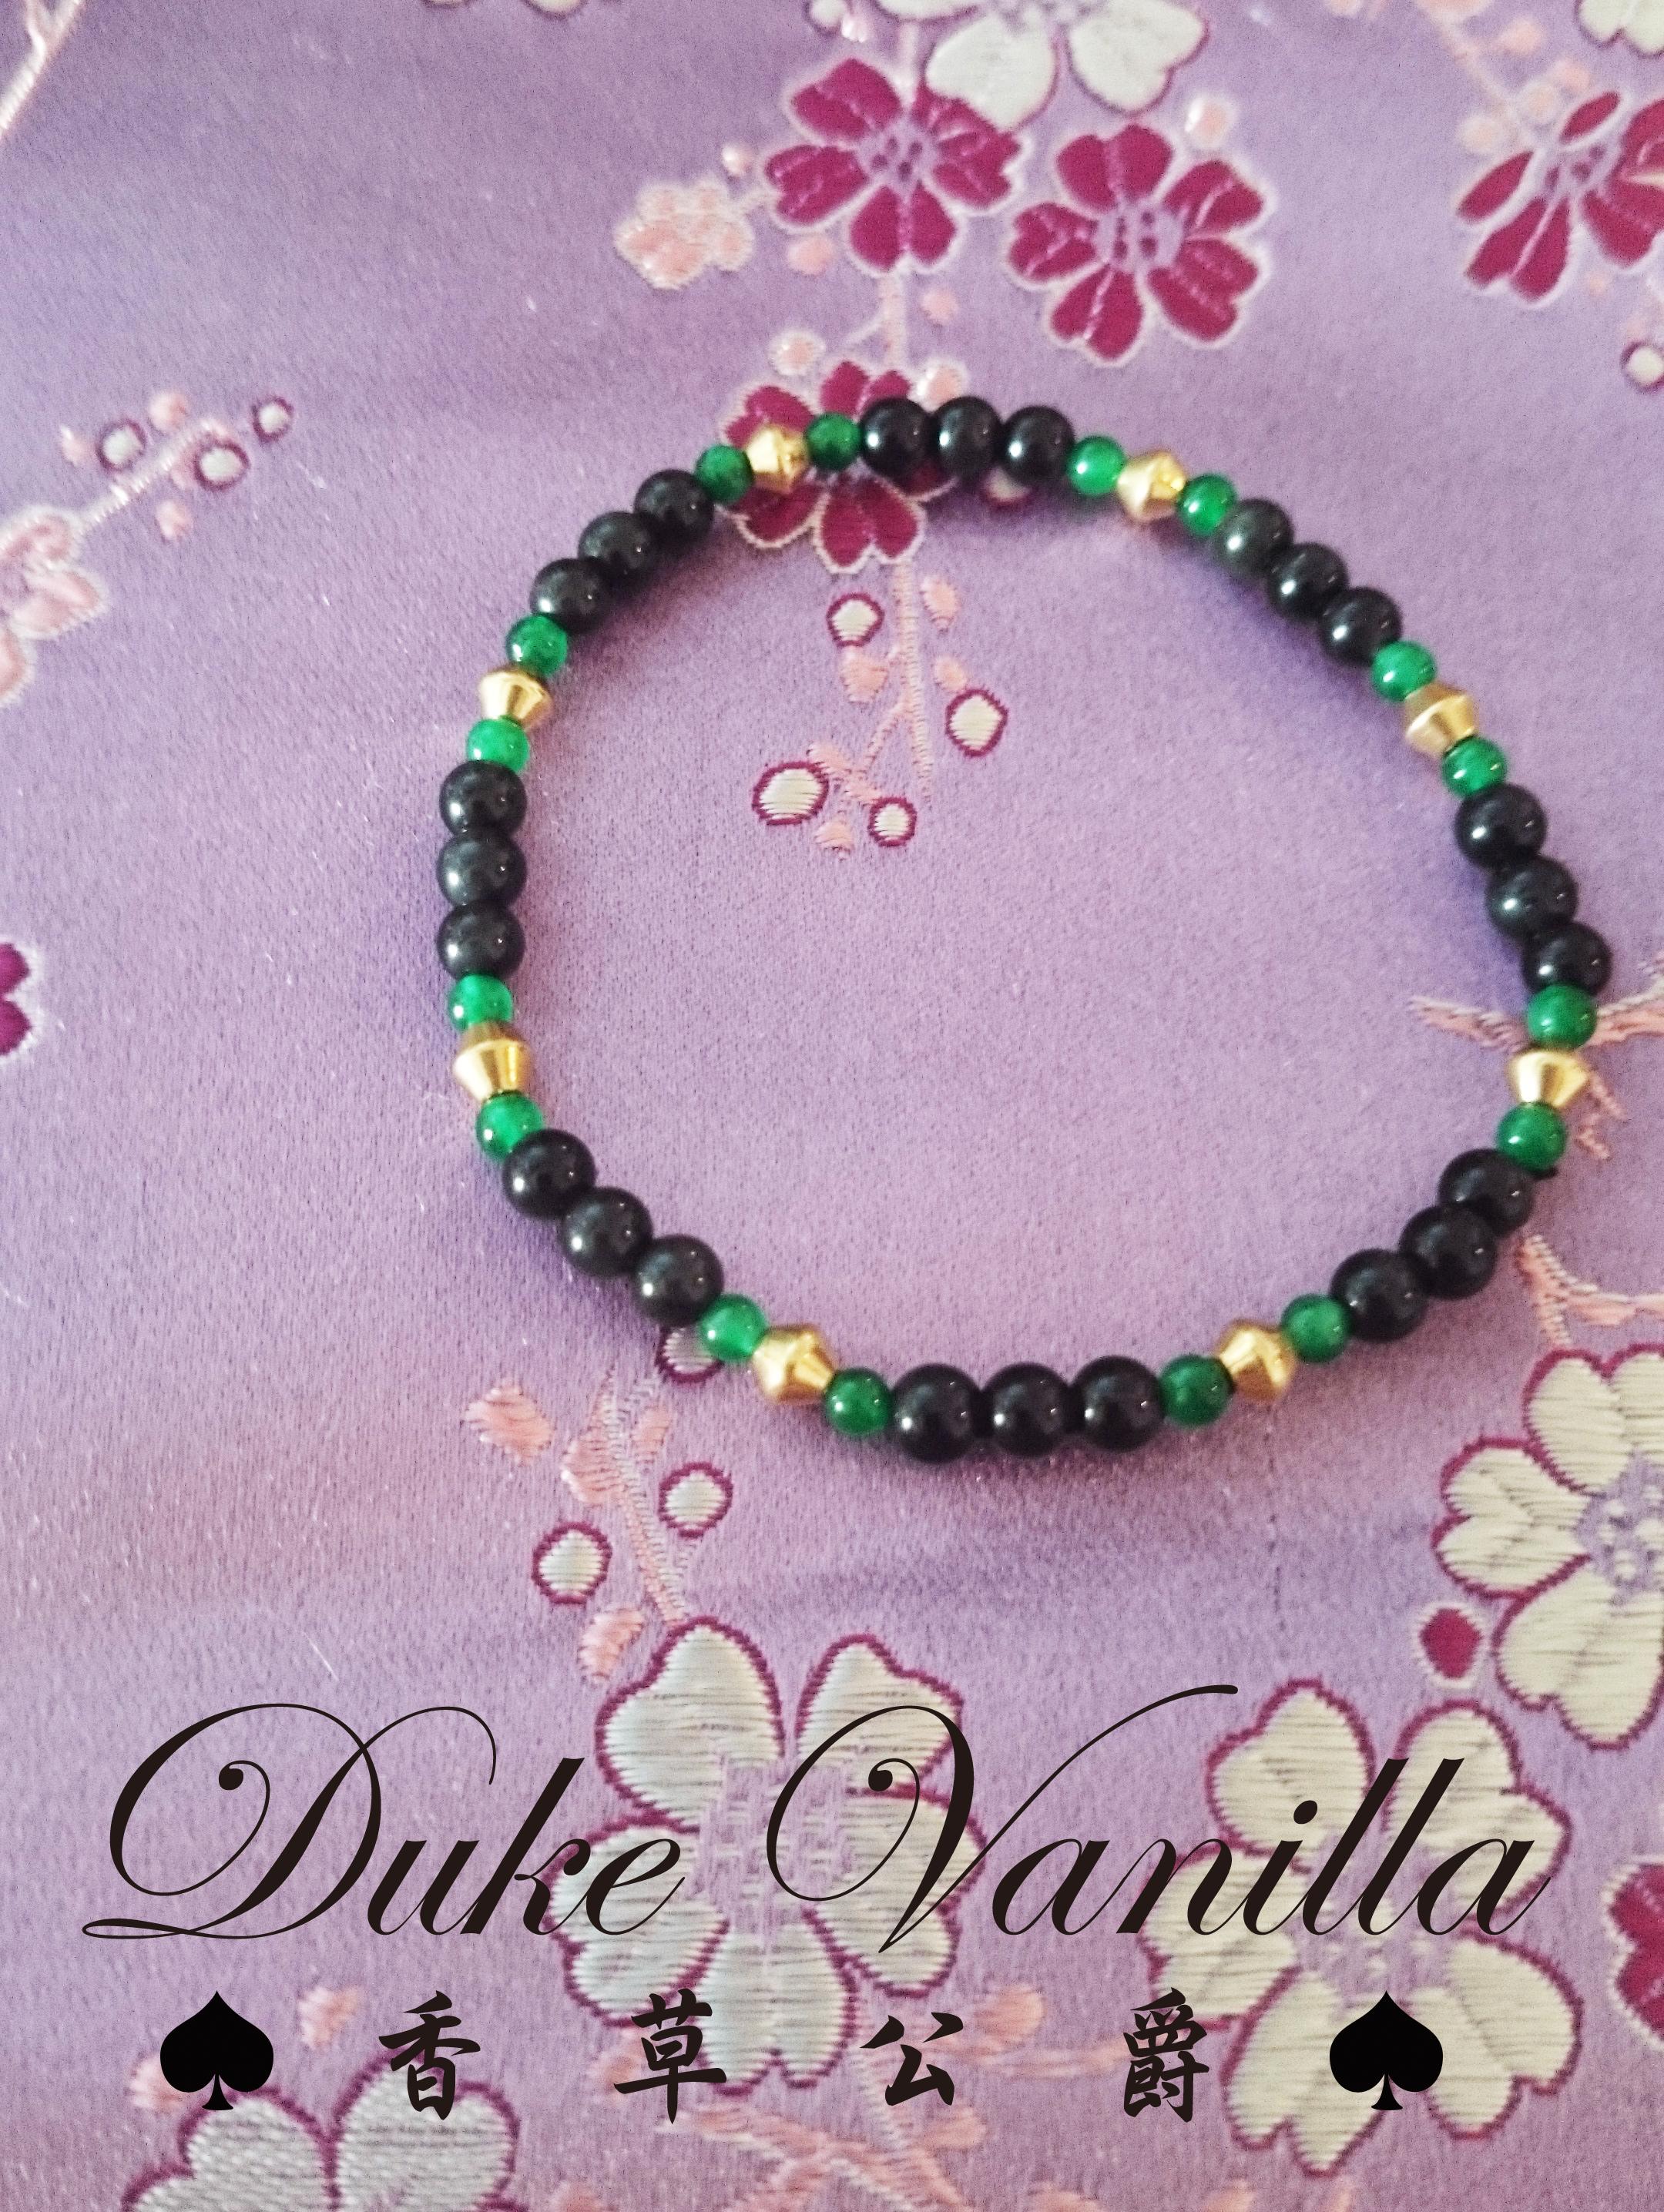 蛻變的過程*黑曜石馬來玉黃銅珠相間手環 - Duke Vanilla 香草公爵